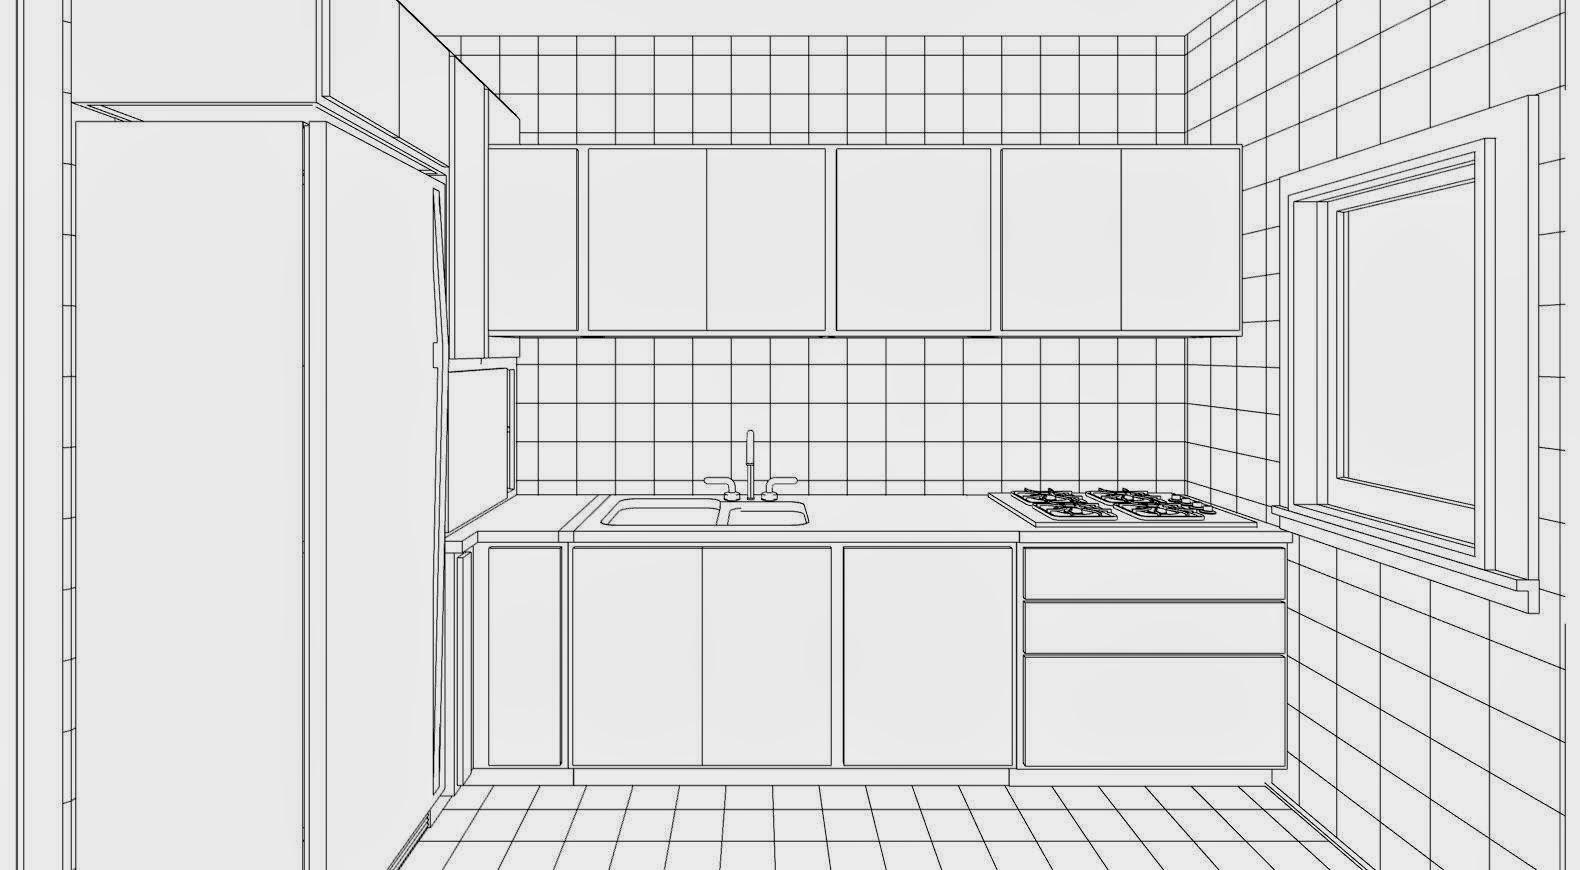 Come arredare il cucinino - Come progettare una cucina ad angolo ...